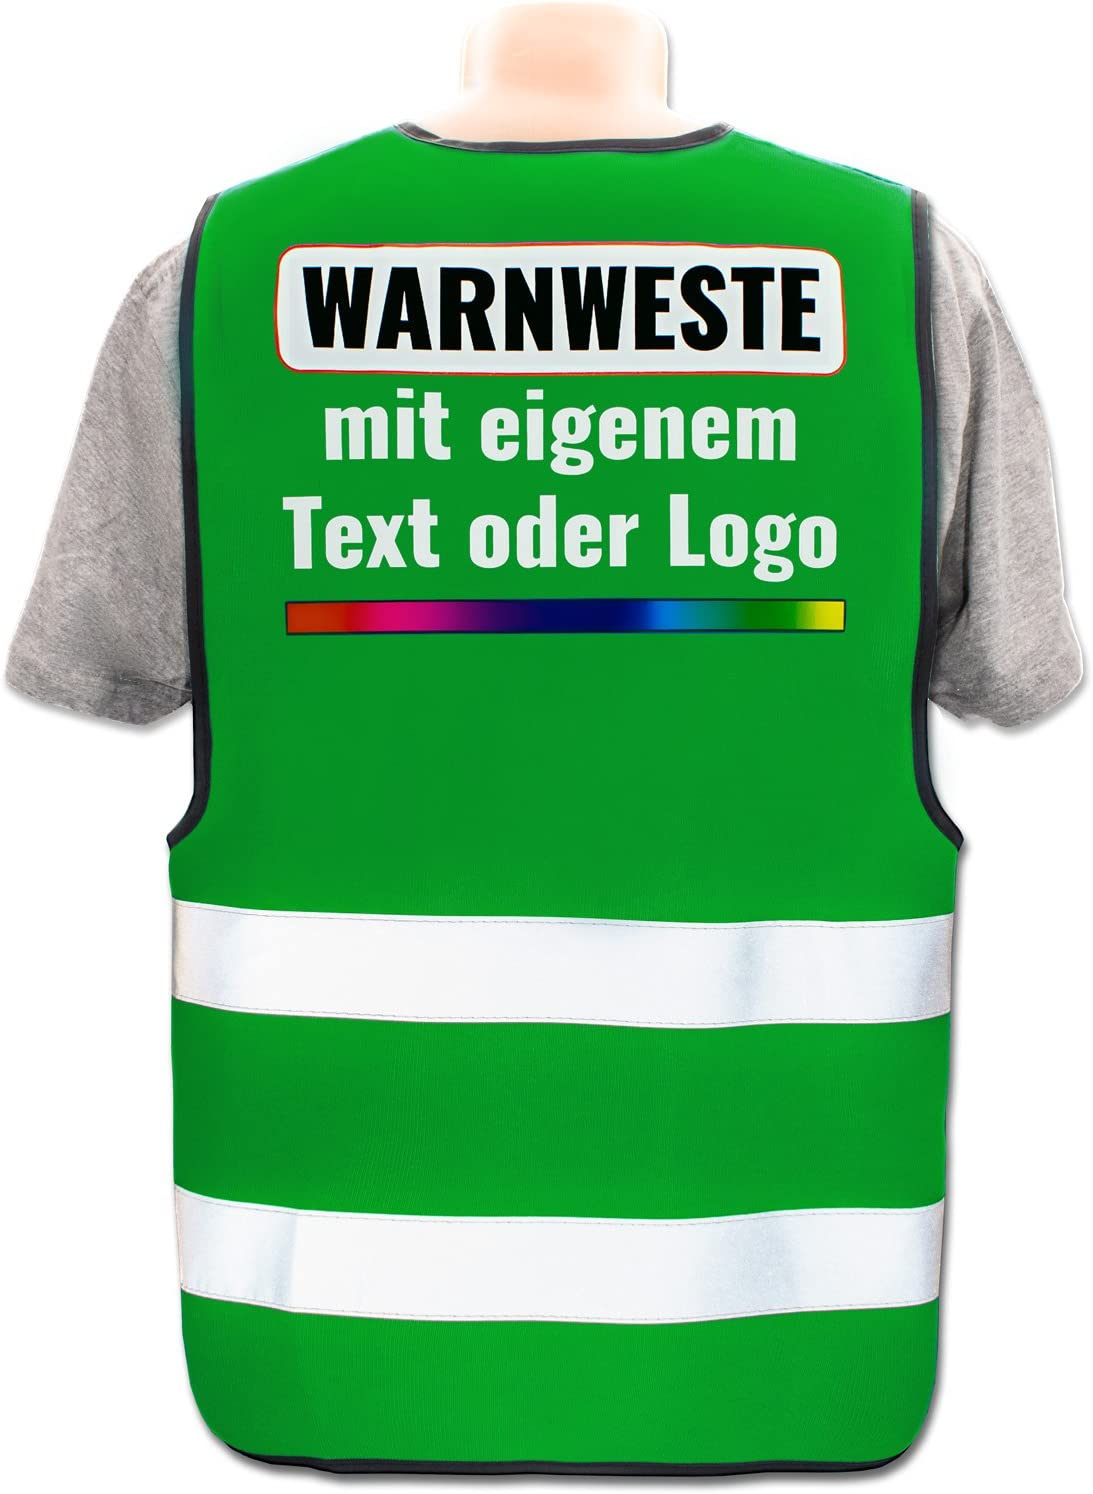 Farbe /& Gr/ö/ße:Rot//Gr/ö/ße S Bedruckt mit Name Text Bild Logo Firma Position /& Druckart:R/ücken//Standard-Druck Warnweste mit eigenem Aufdruck selbst gestalten